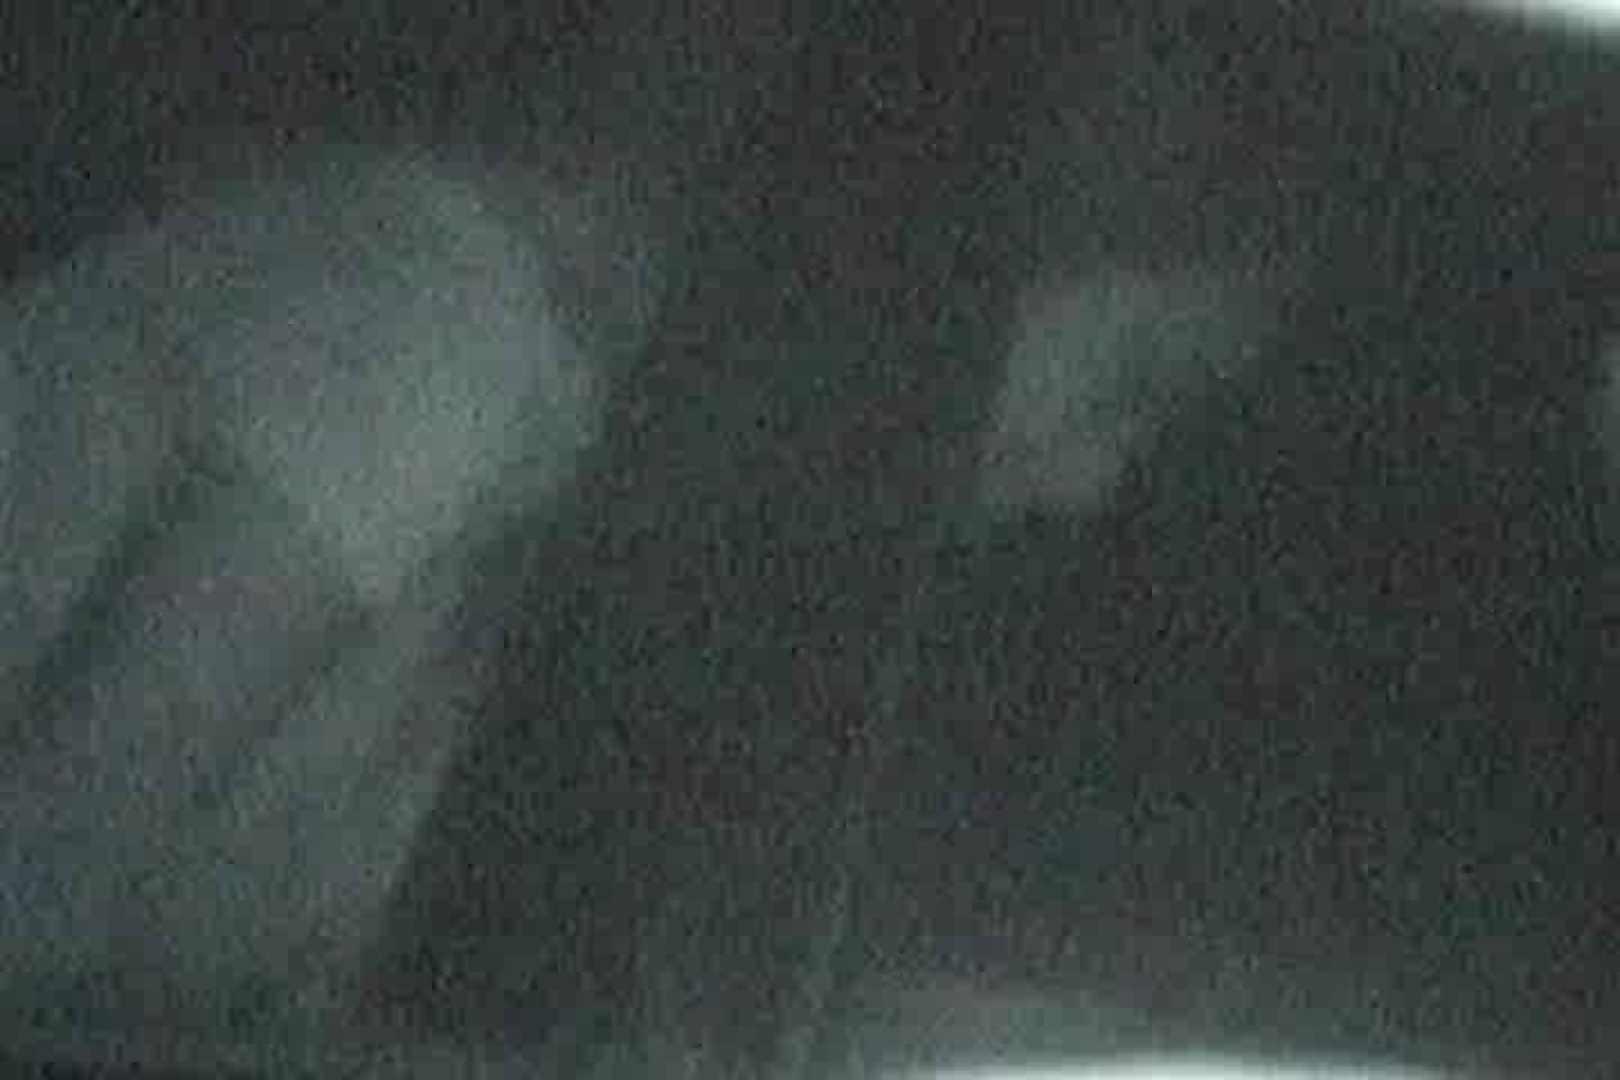 充血監督の深夜の運動会Vol.21 美しいOLの裸体 濡れ場動画紹介 70pic 22